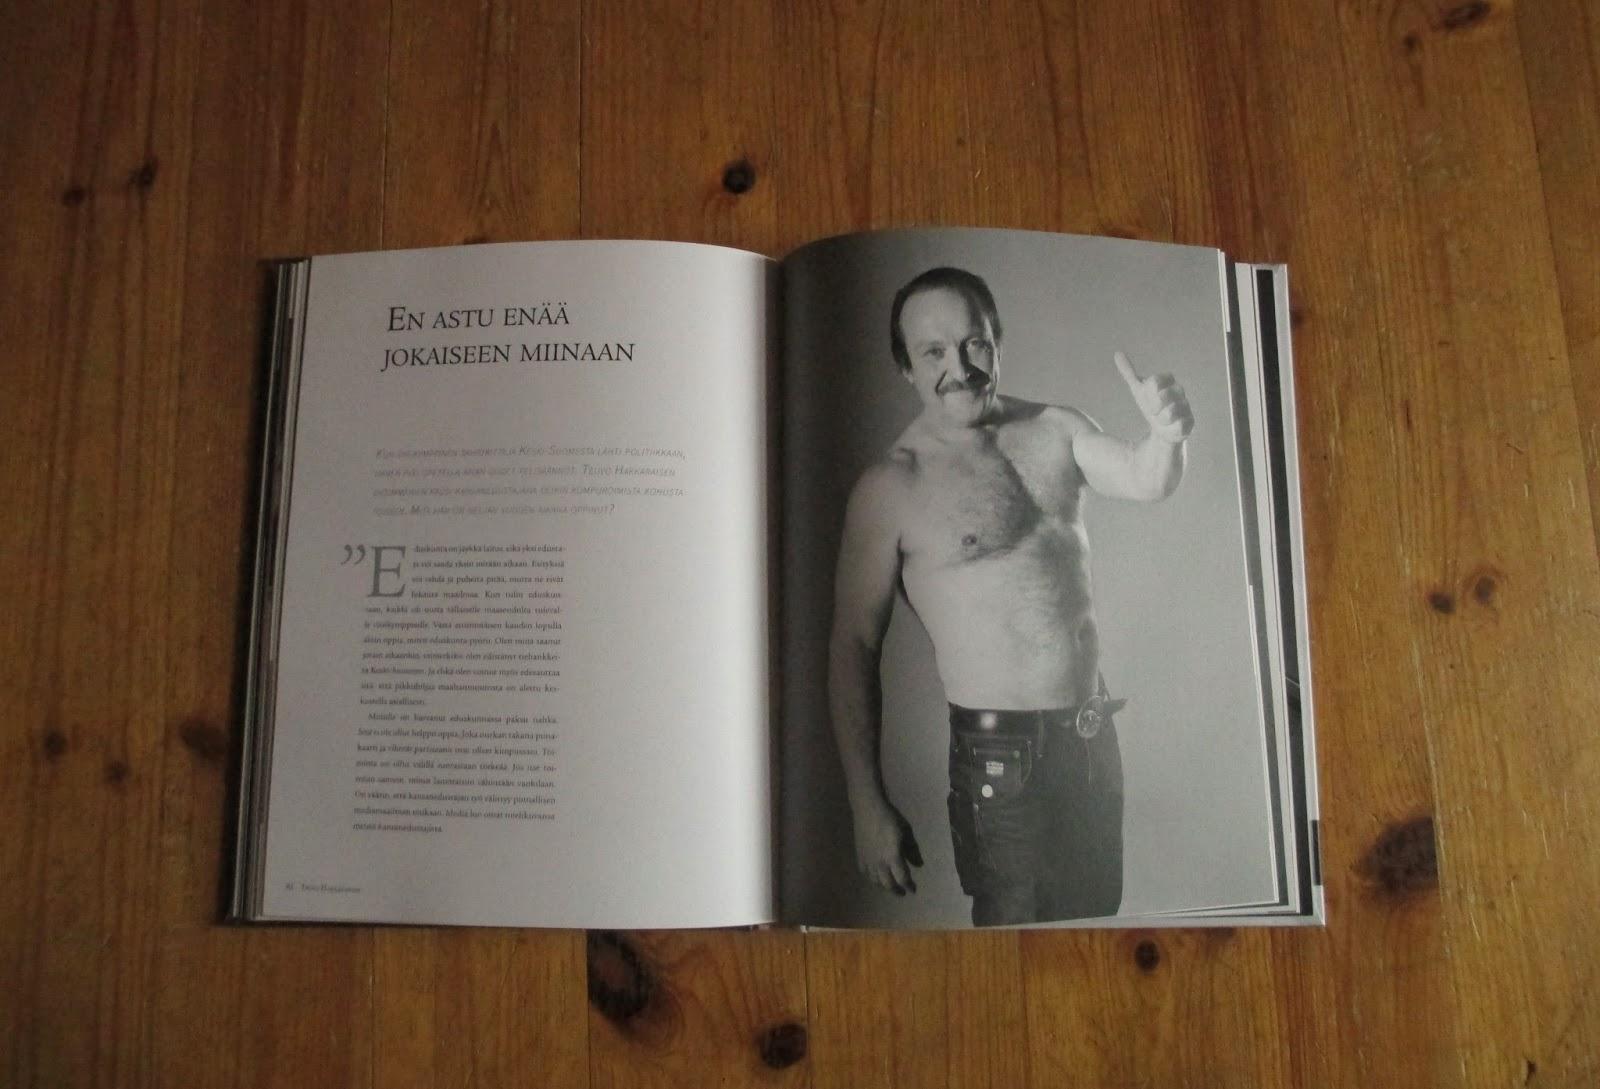 julkisuuden henkilöt alasti